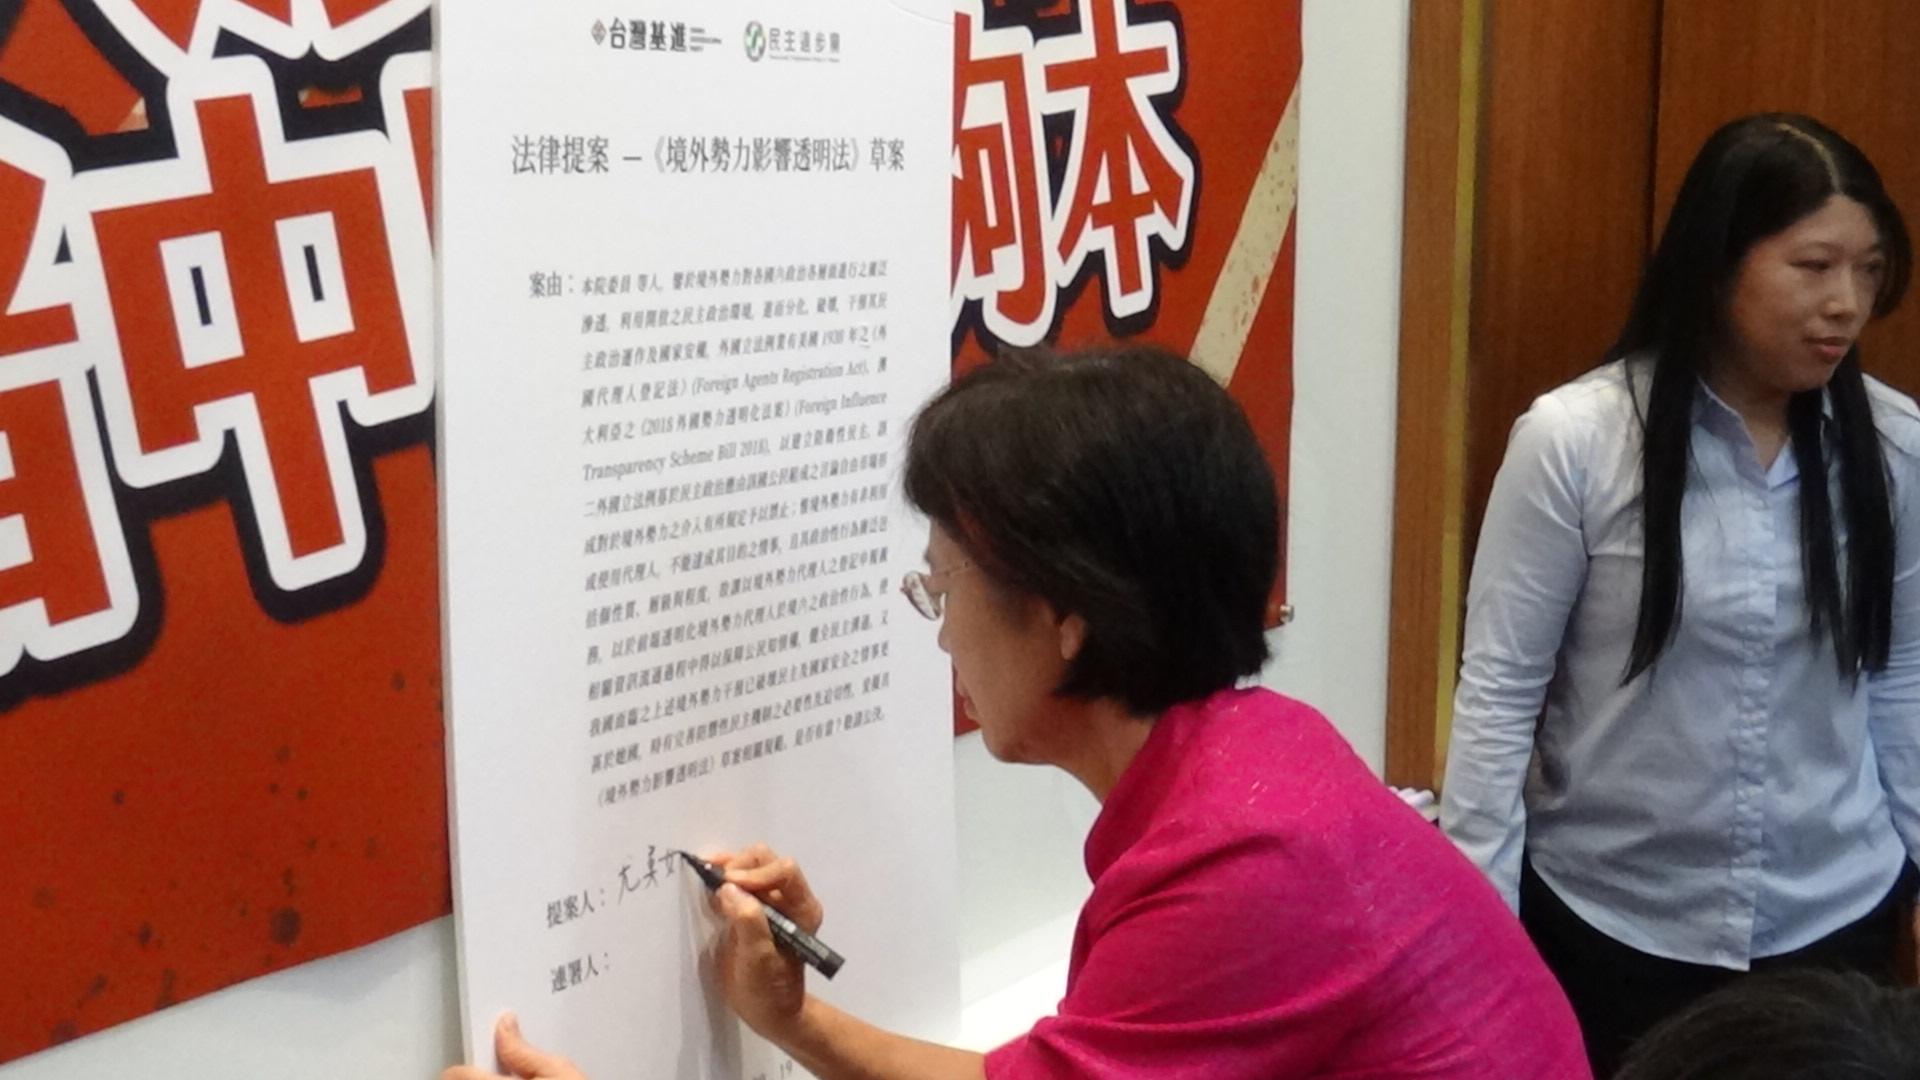 民进党立委尤美女签名连署基进党提出的《境外势力影响透明法》草案。(记者夏小华摄)